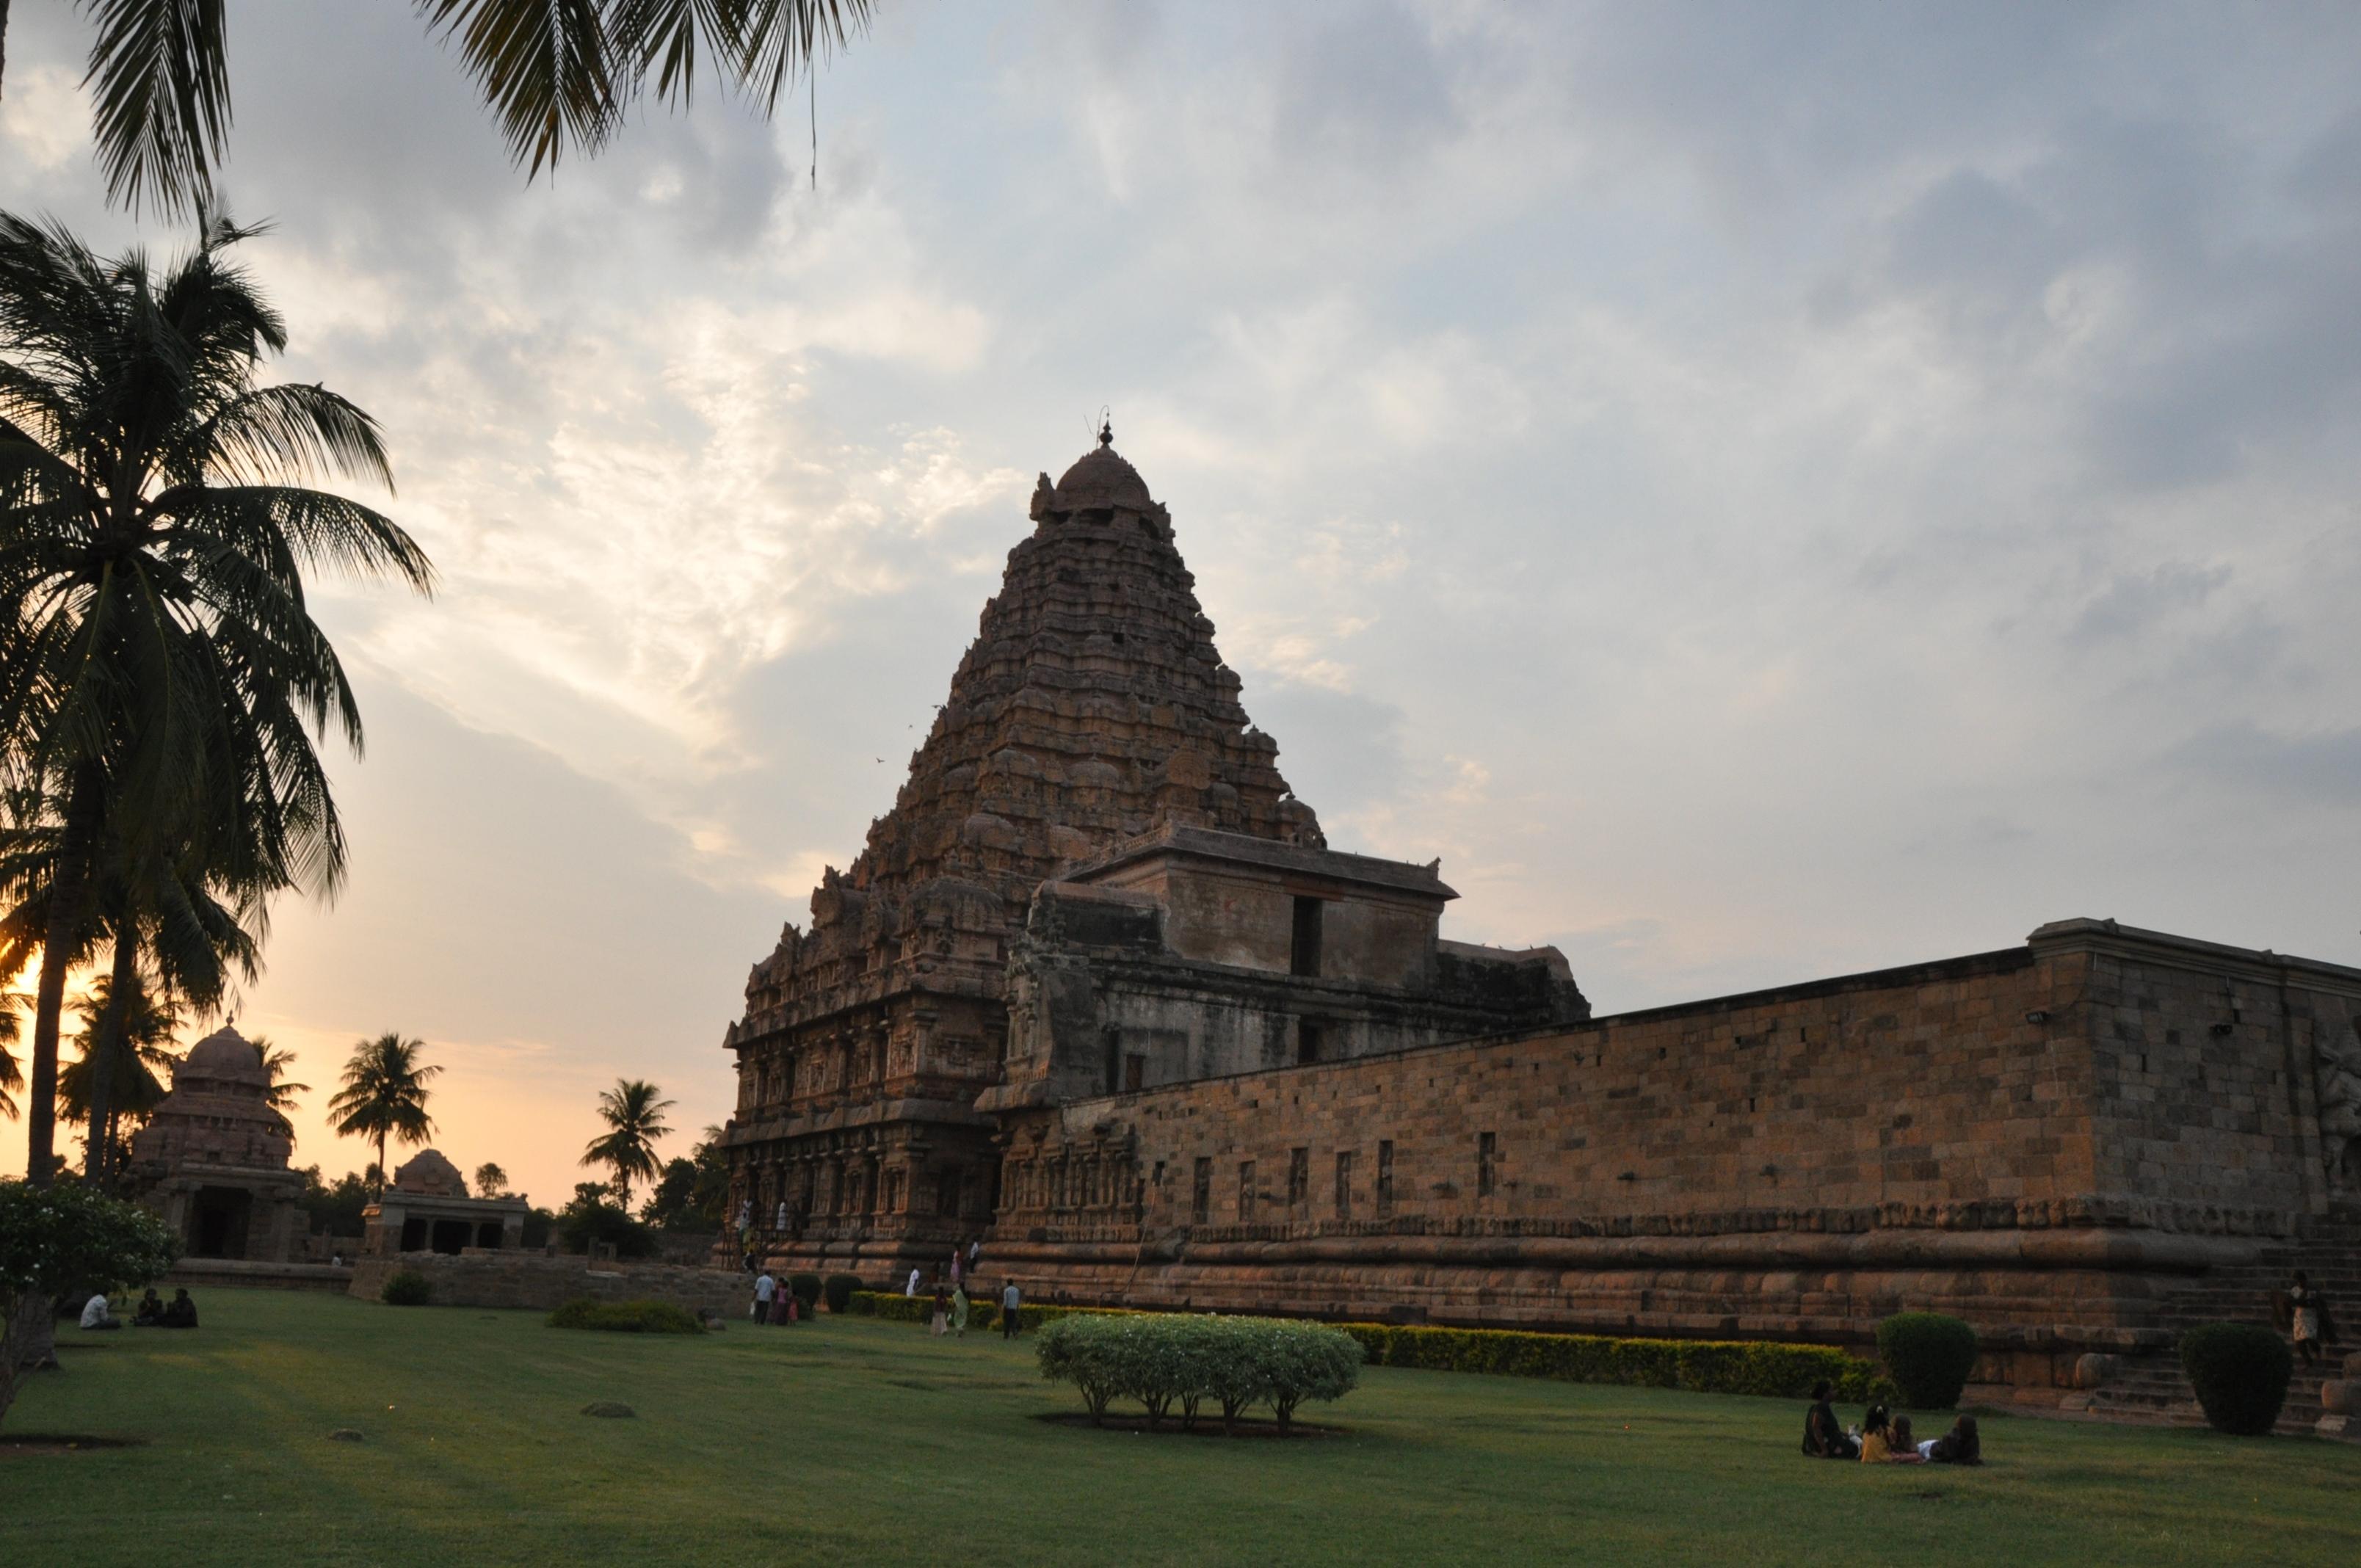 file a long shot of brihadisvara temple of gangaikonda cholapuram